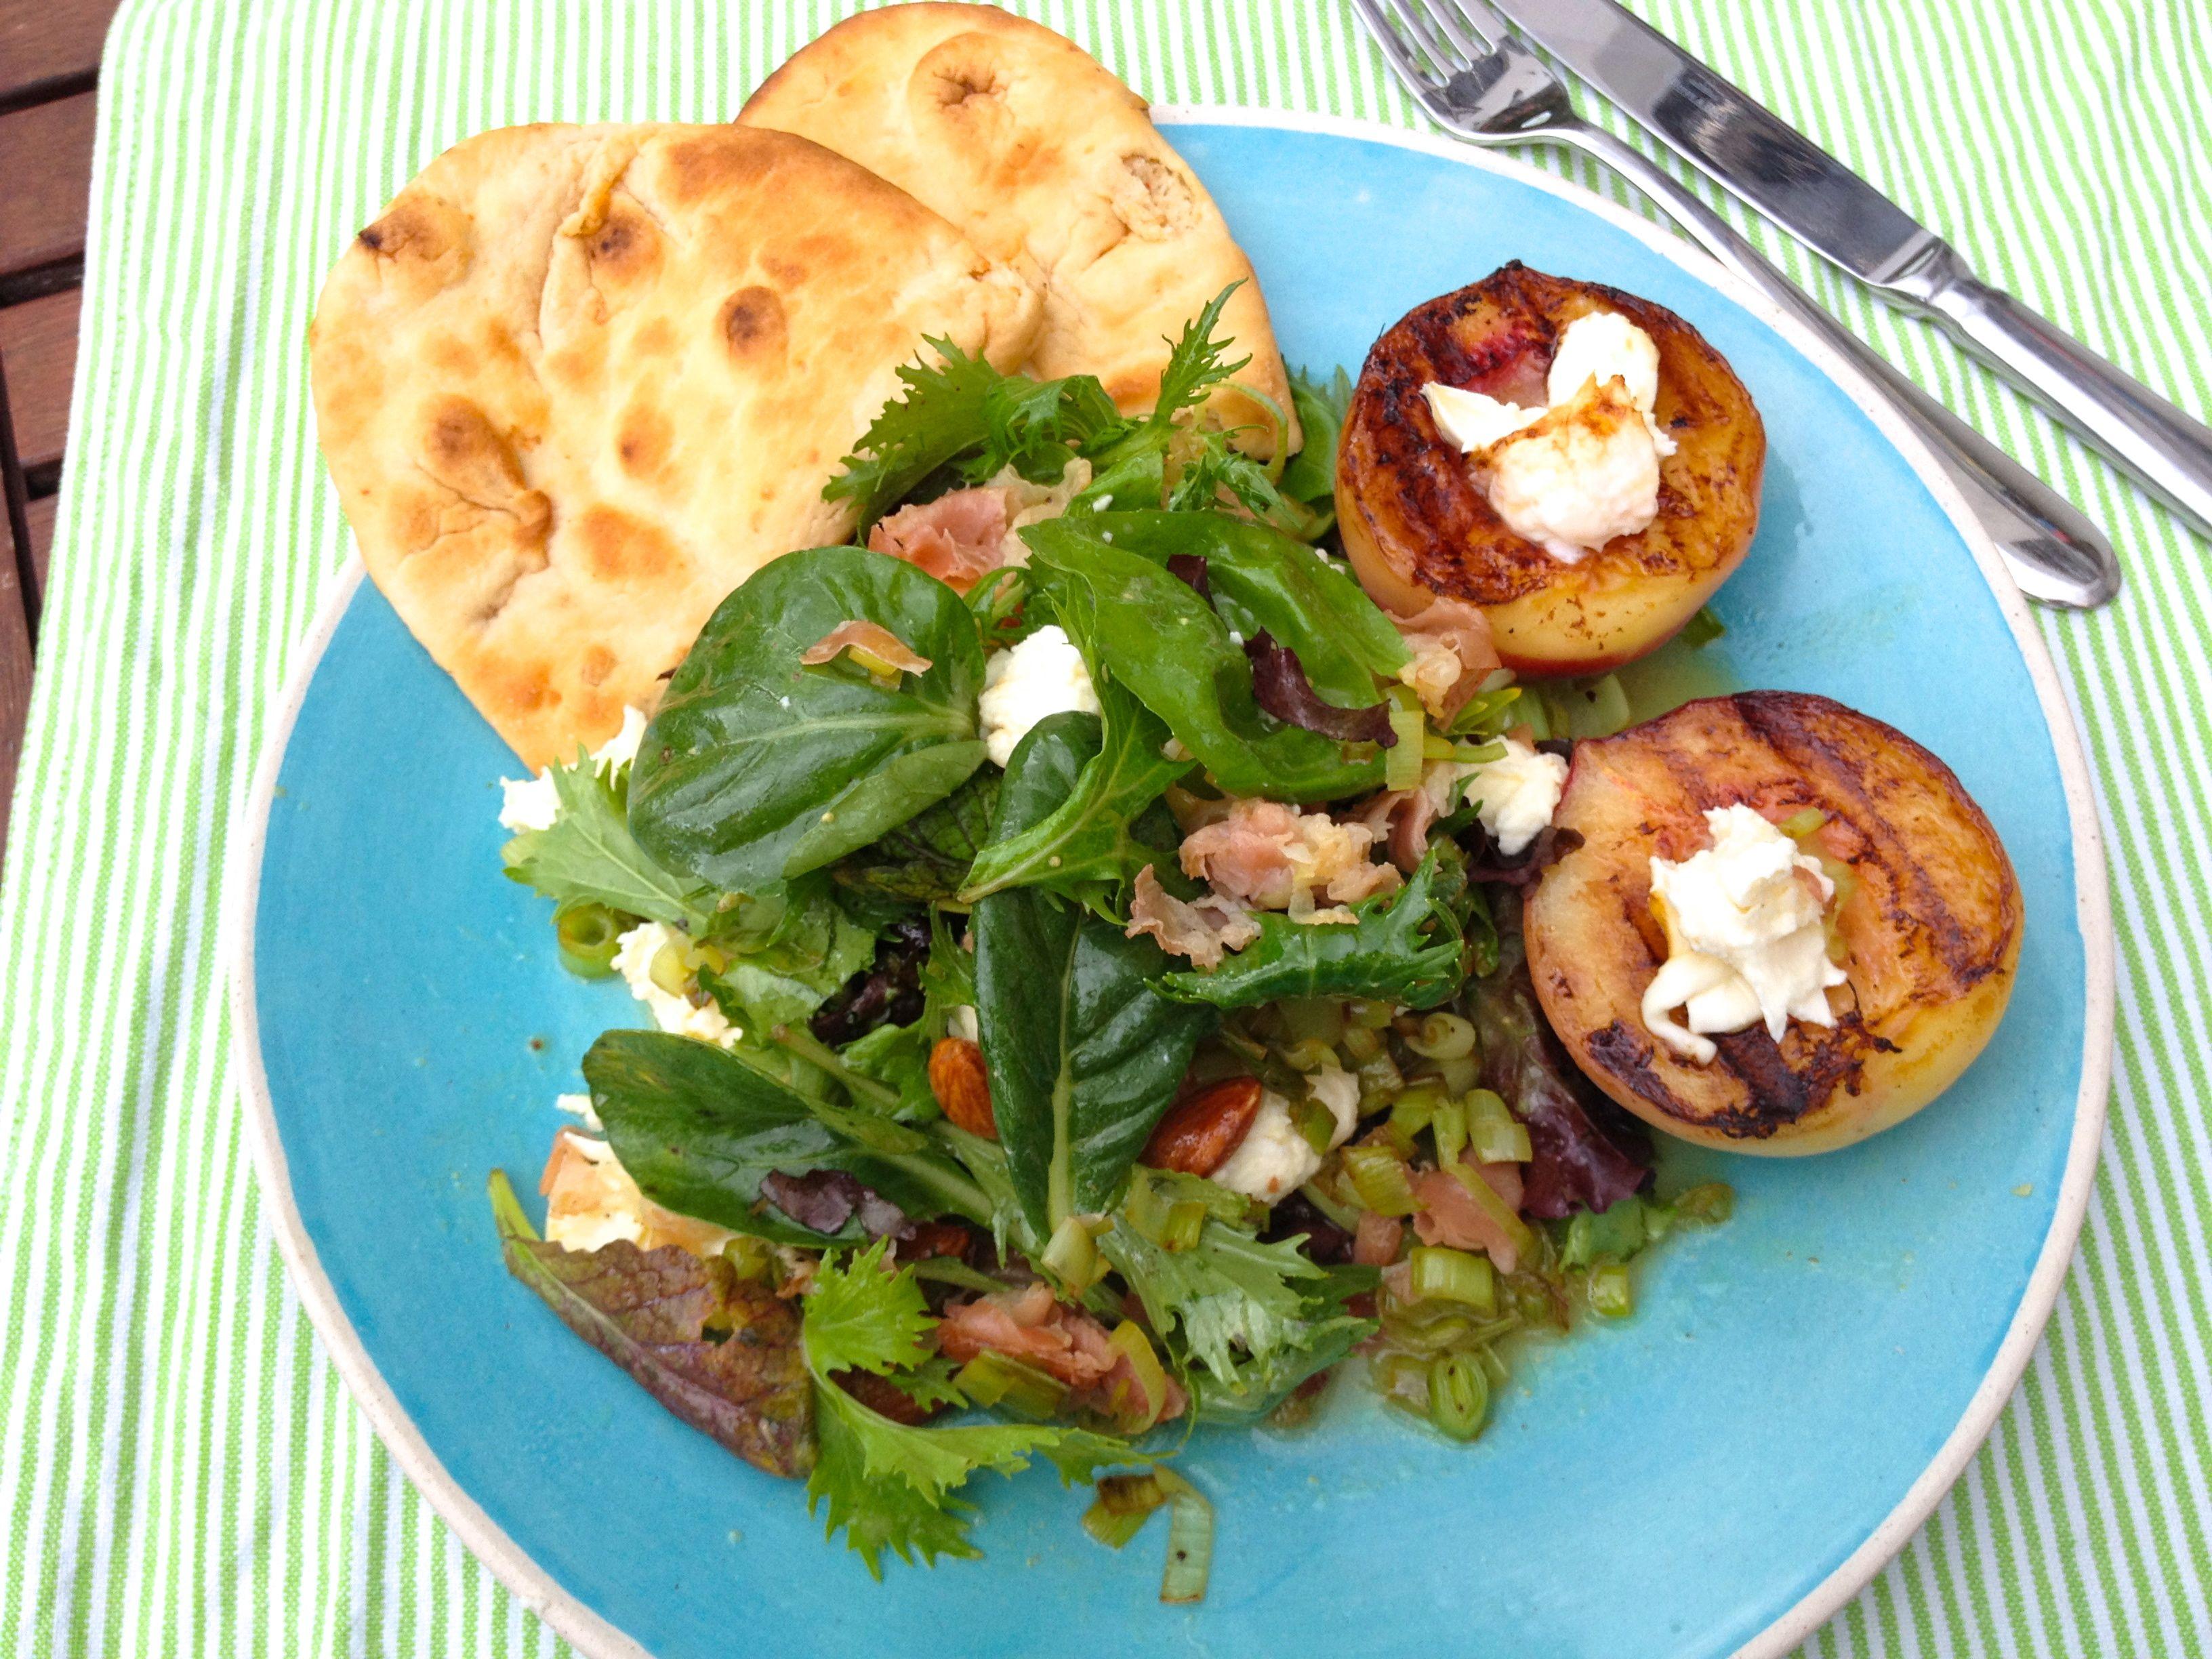 Sommerlicher Salat mit gegrilltem Pfirsich, Mozzarella und Fladenbrot  Freunde am Kochen